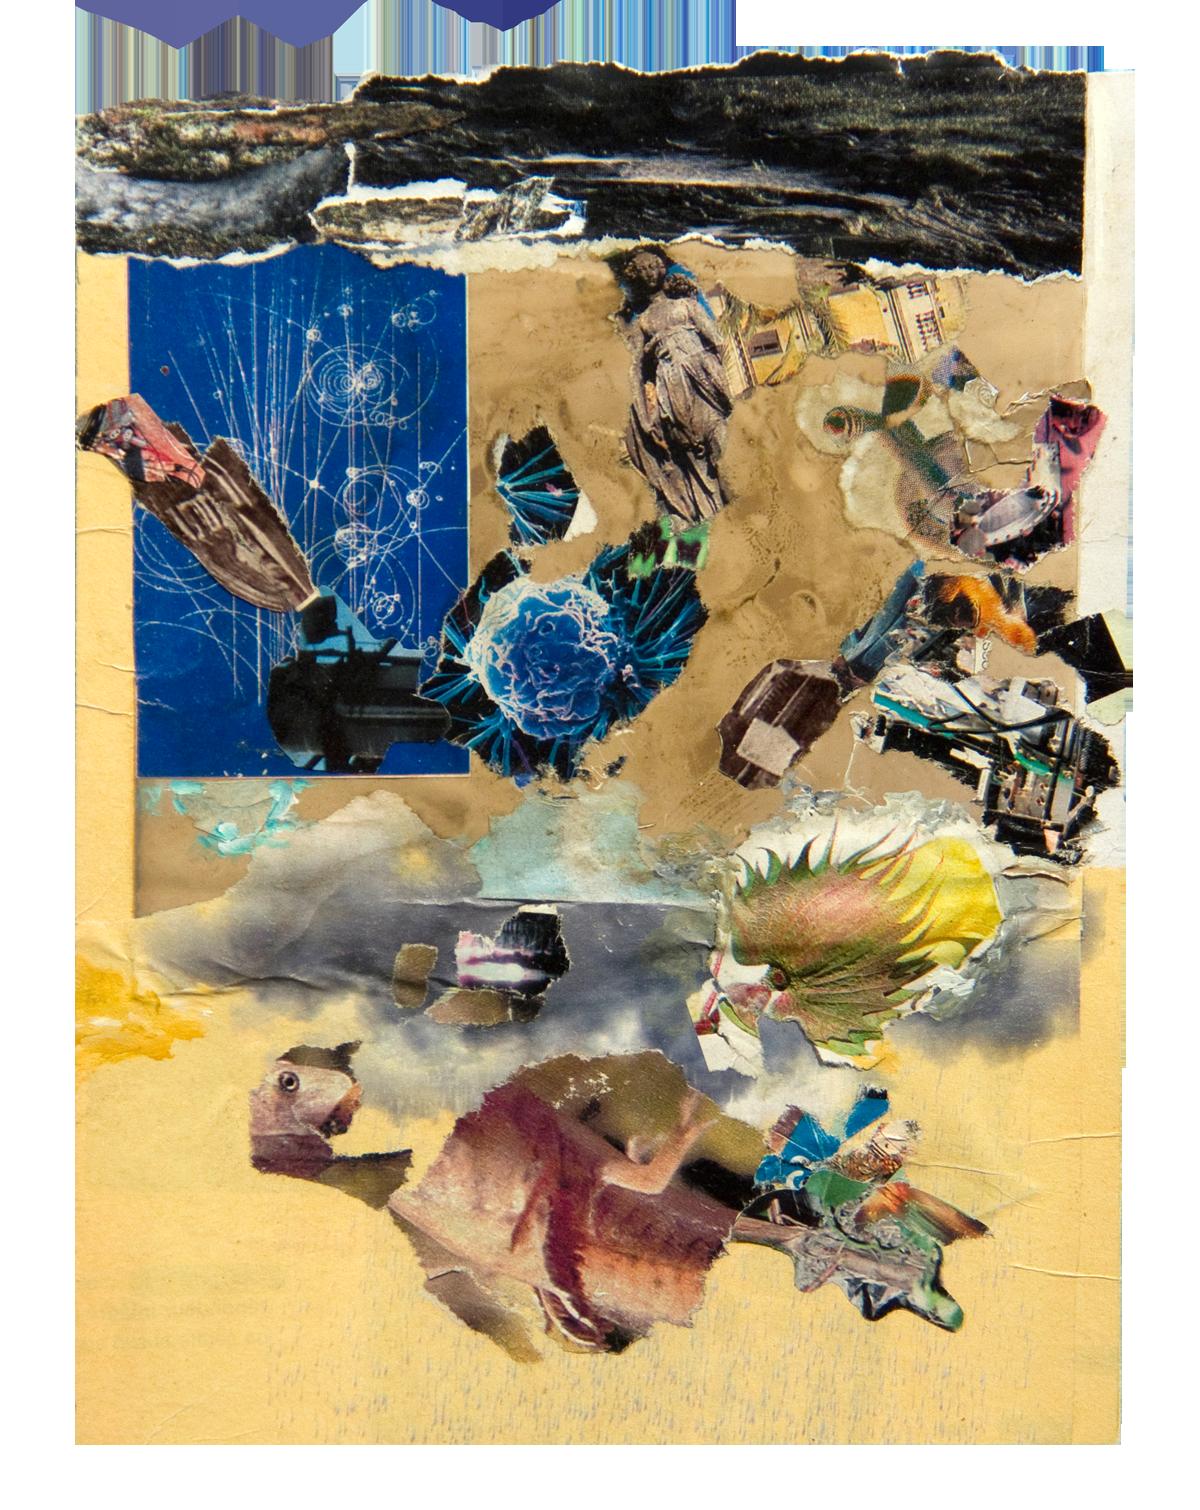 Philippe Briard - La Mort météore oh! logique, 2008, collage acrylique, 19 x 14 cm